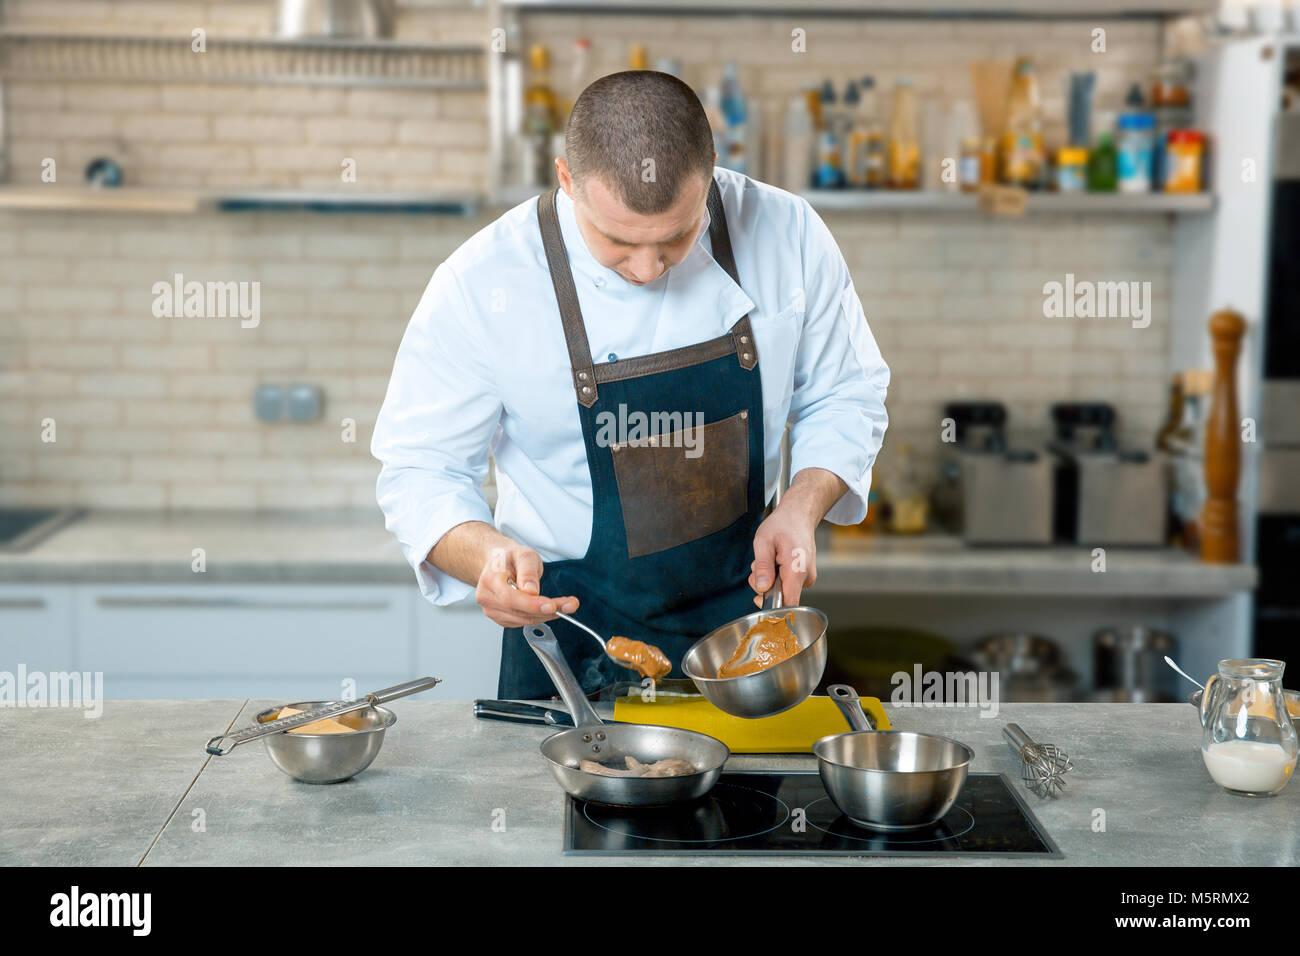 Chef di cucina versa la salsa in una padella. Il fast food La cena e il pranzo ristorante bar. Cucina interno Immagini Stock